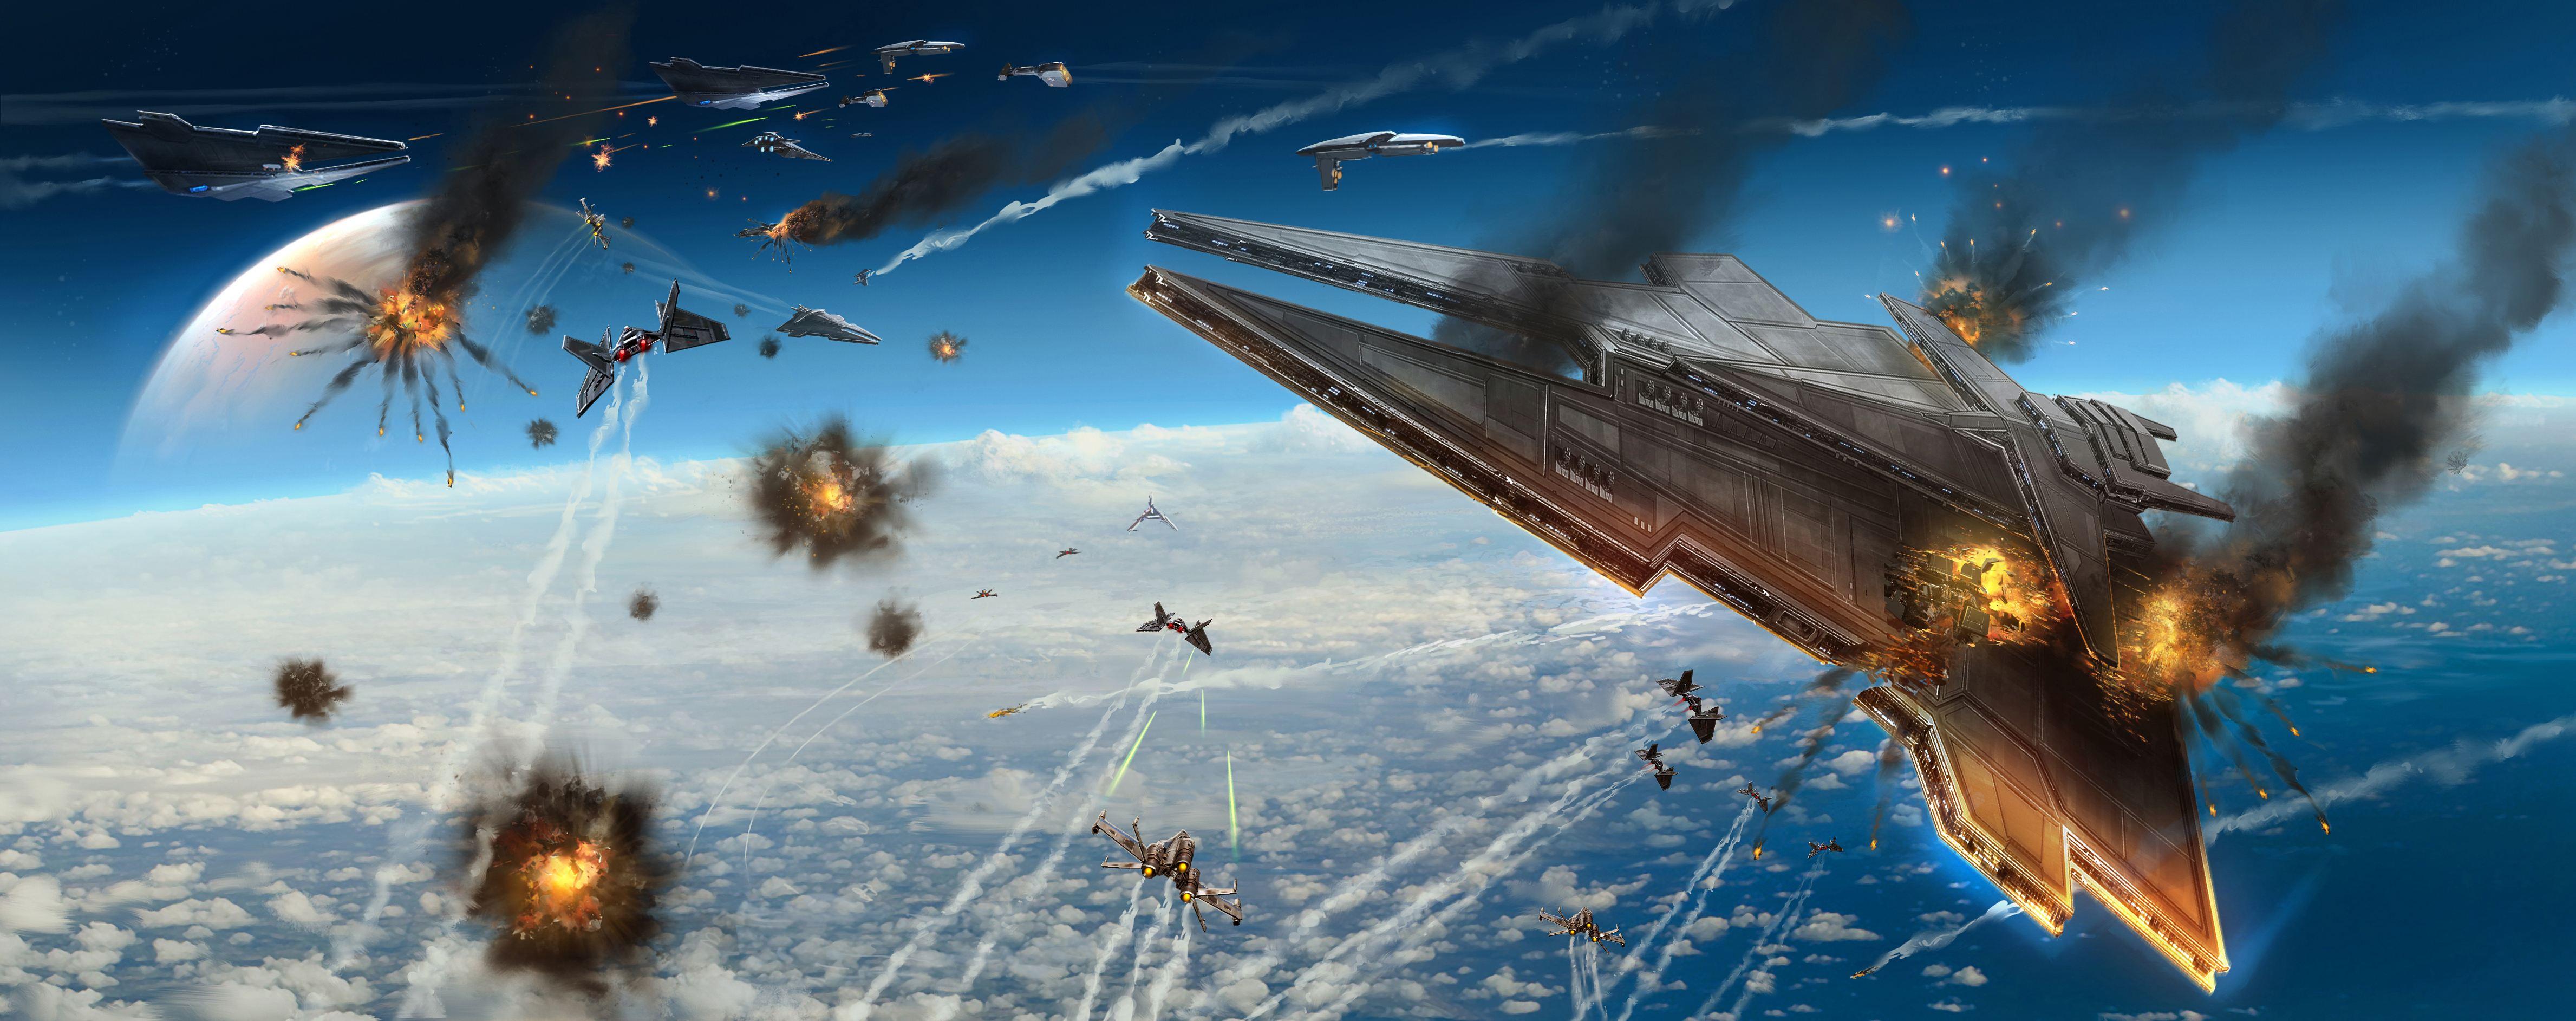 Space War HD Wallpaper Aircraft Wallpapers 4757x1885